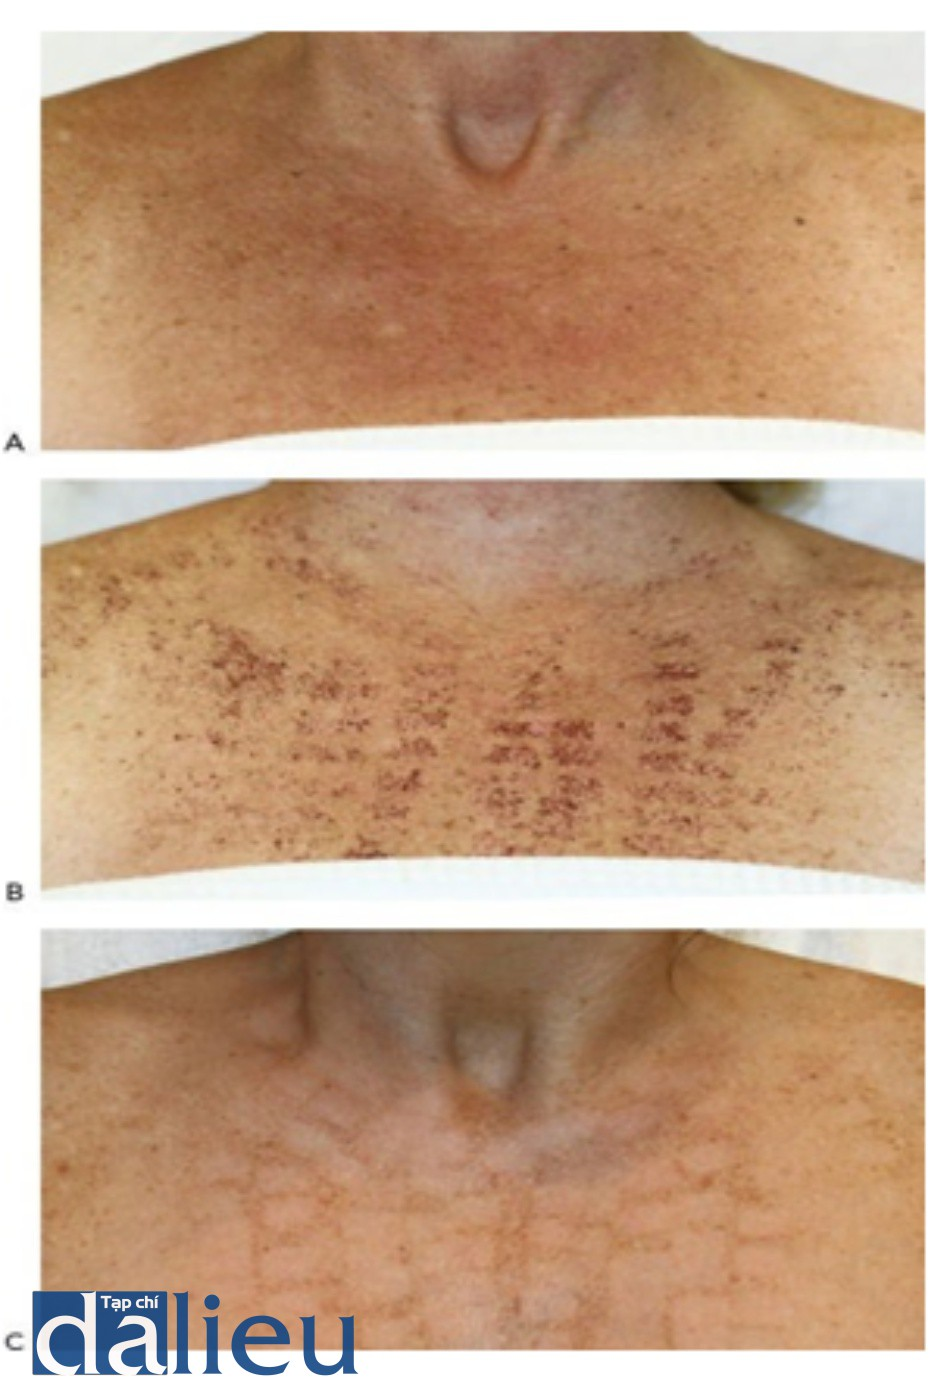 HÌNH 17 Màu da đồng do quang hóa da vùng ngực với nốt ruồi ở bệnh nhân có loại da sáng theo phân loại da Fitzpatrick trước khi (A), 5 ngày sau khi hình thành vỏ (B), và 1 tháng sau khi hình thành sọc (C), 1 lần điều trị với IPL.